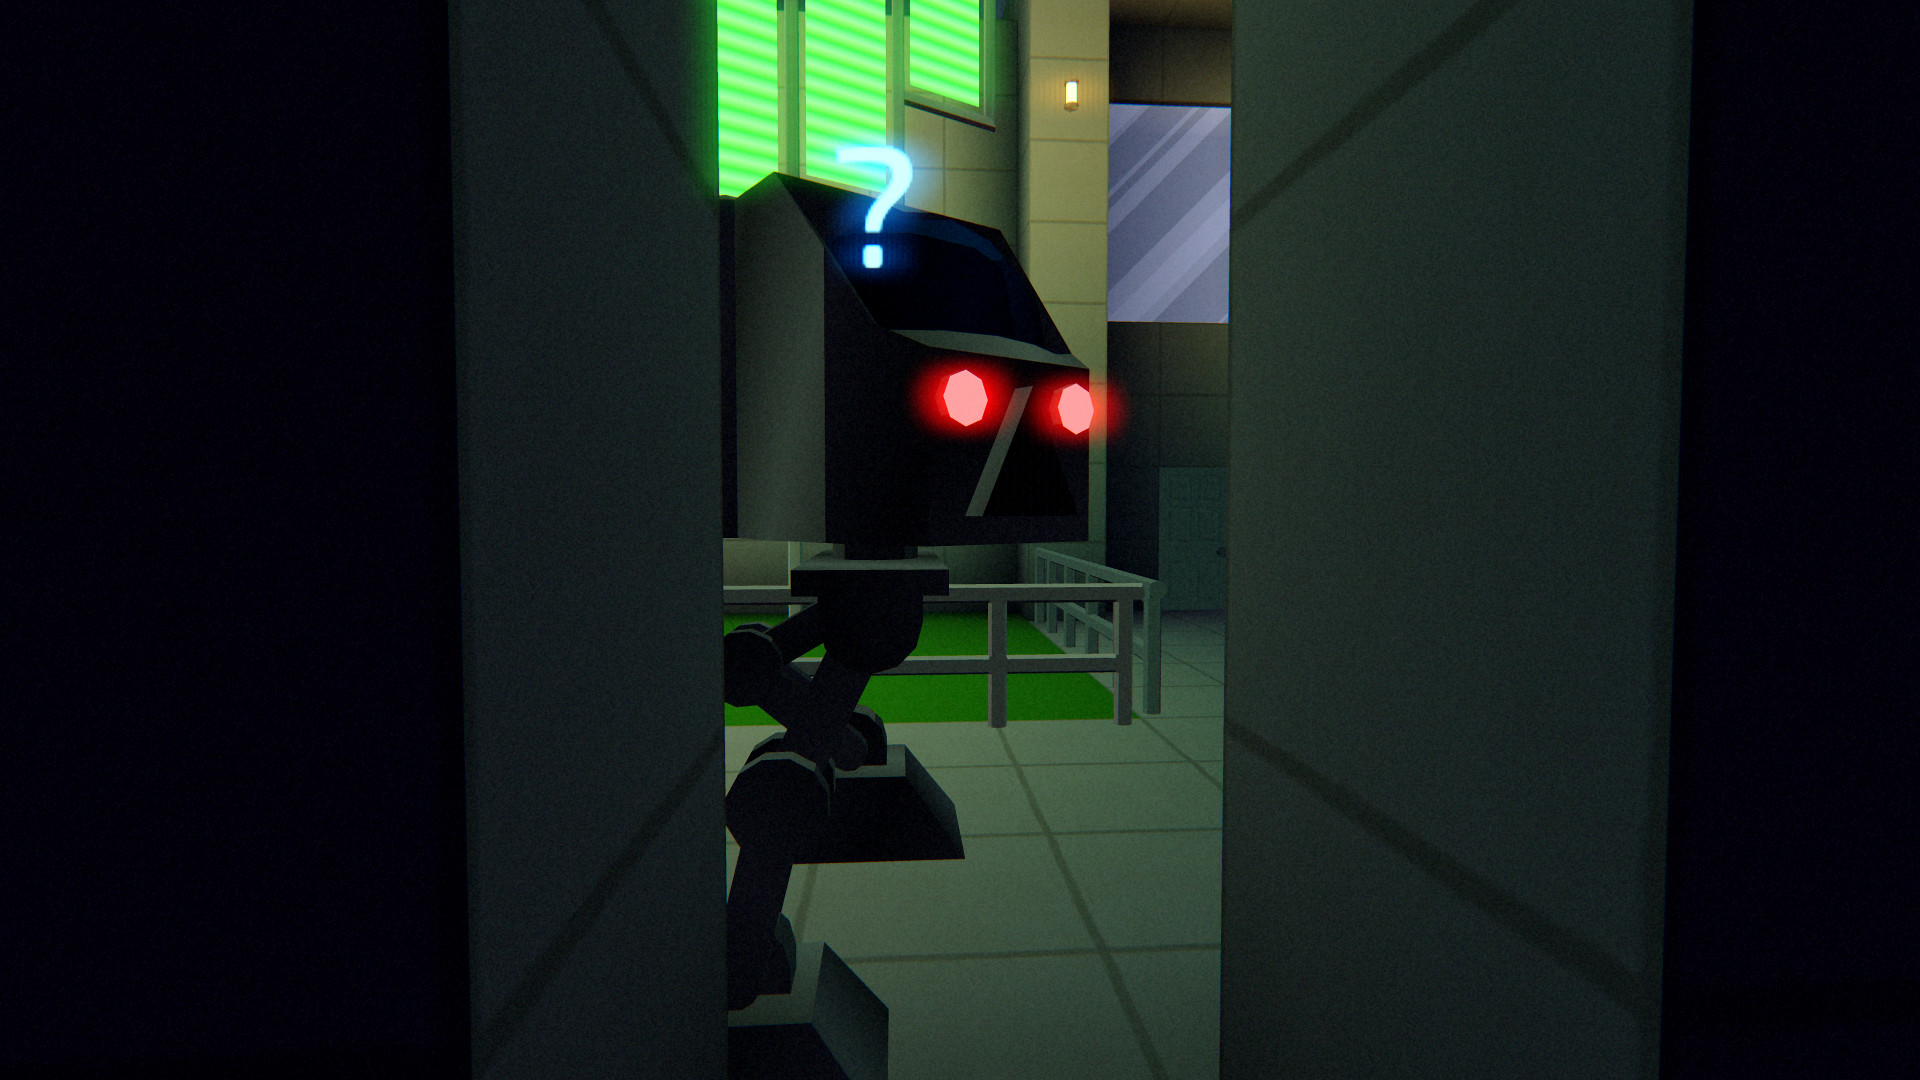 Встревоженный робот